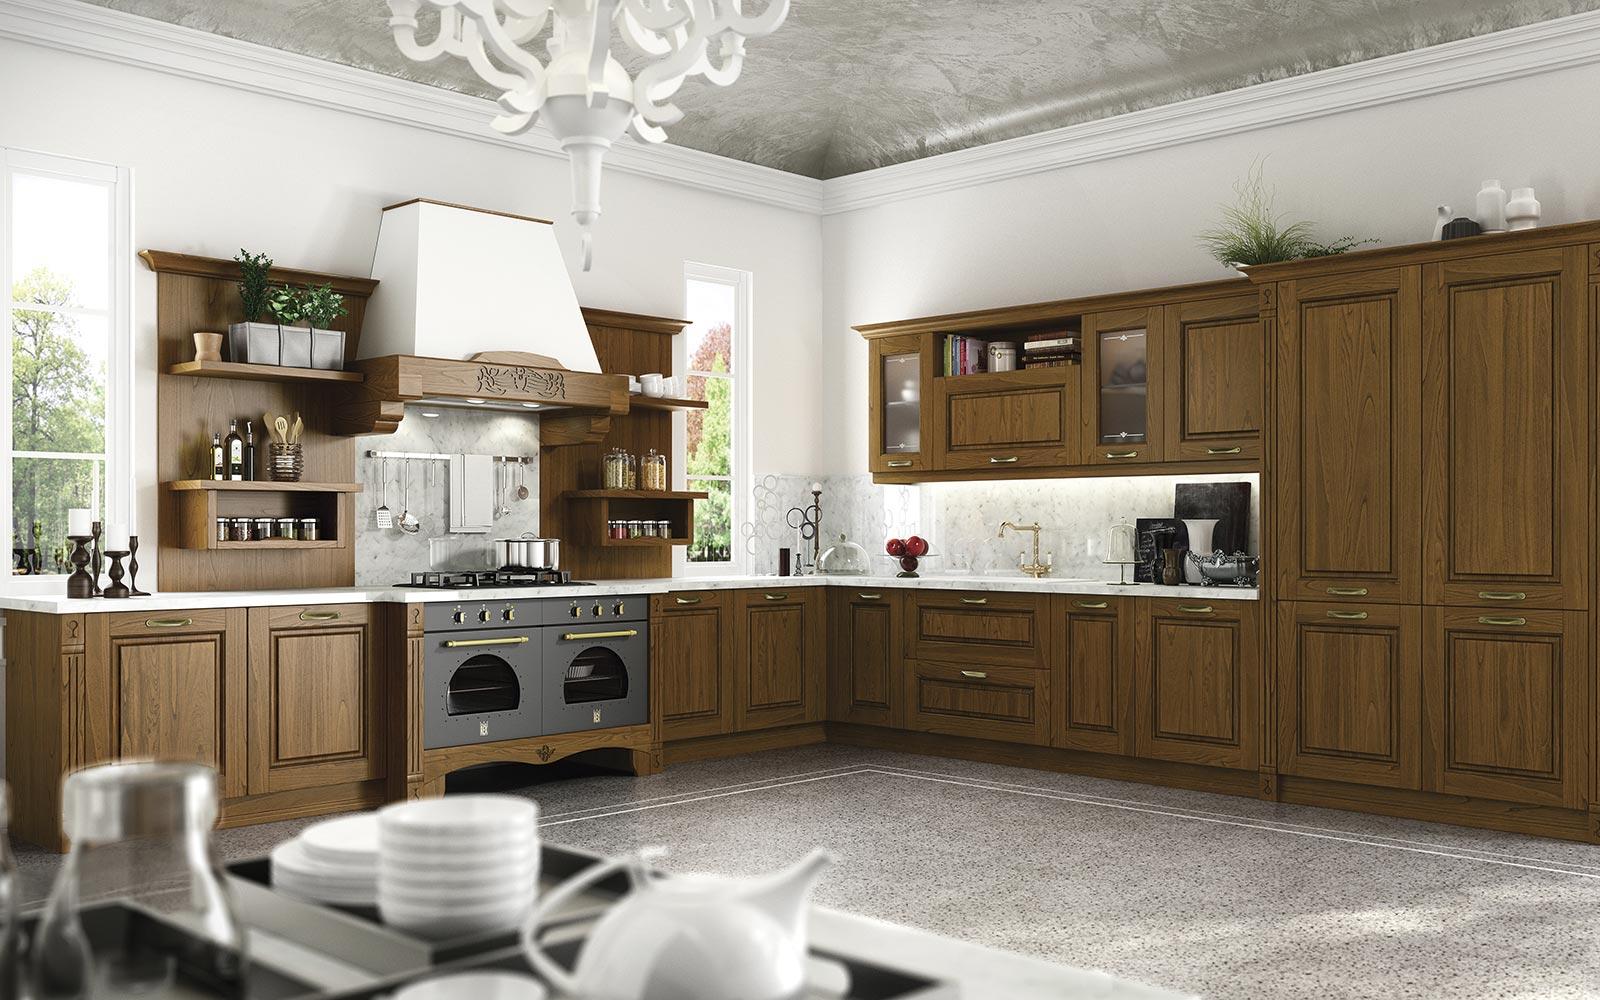 cucina classica arredo3 verona